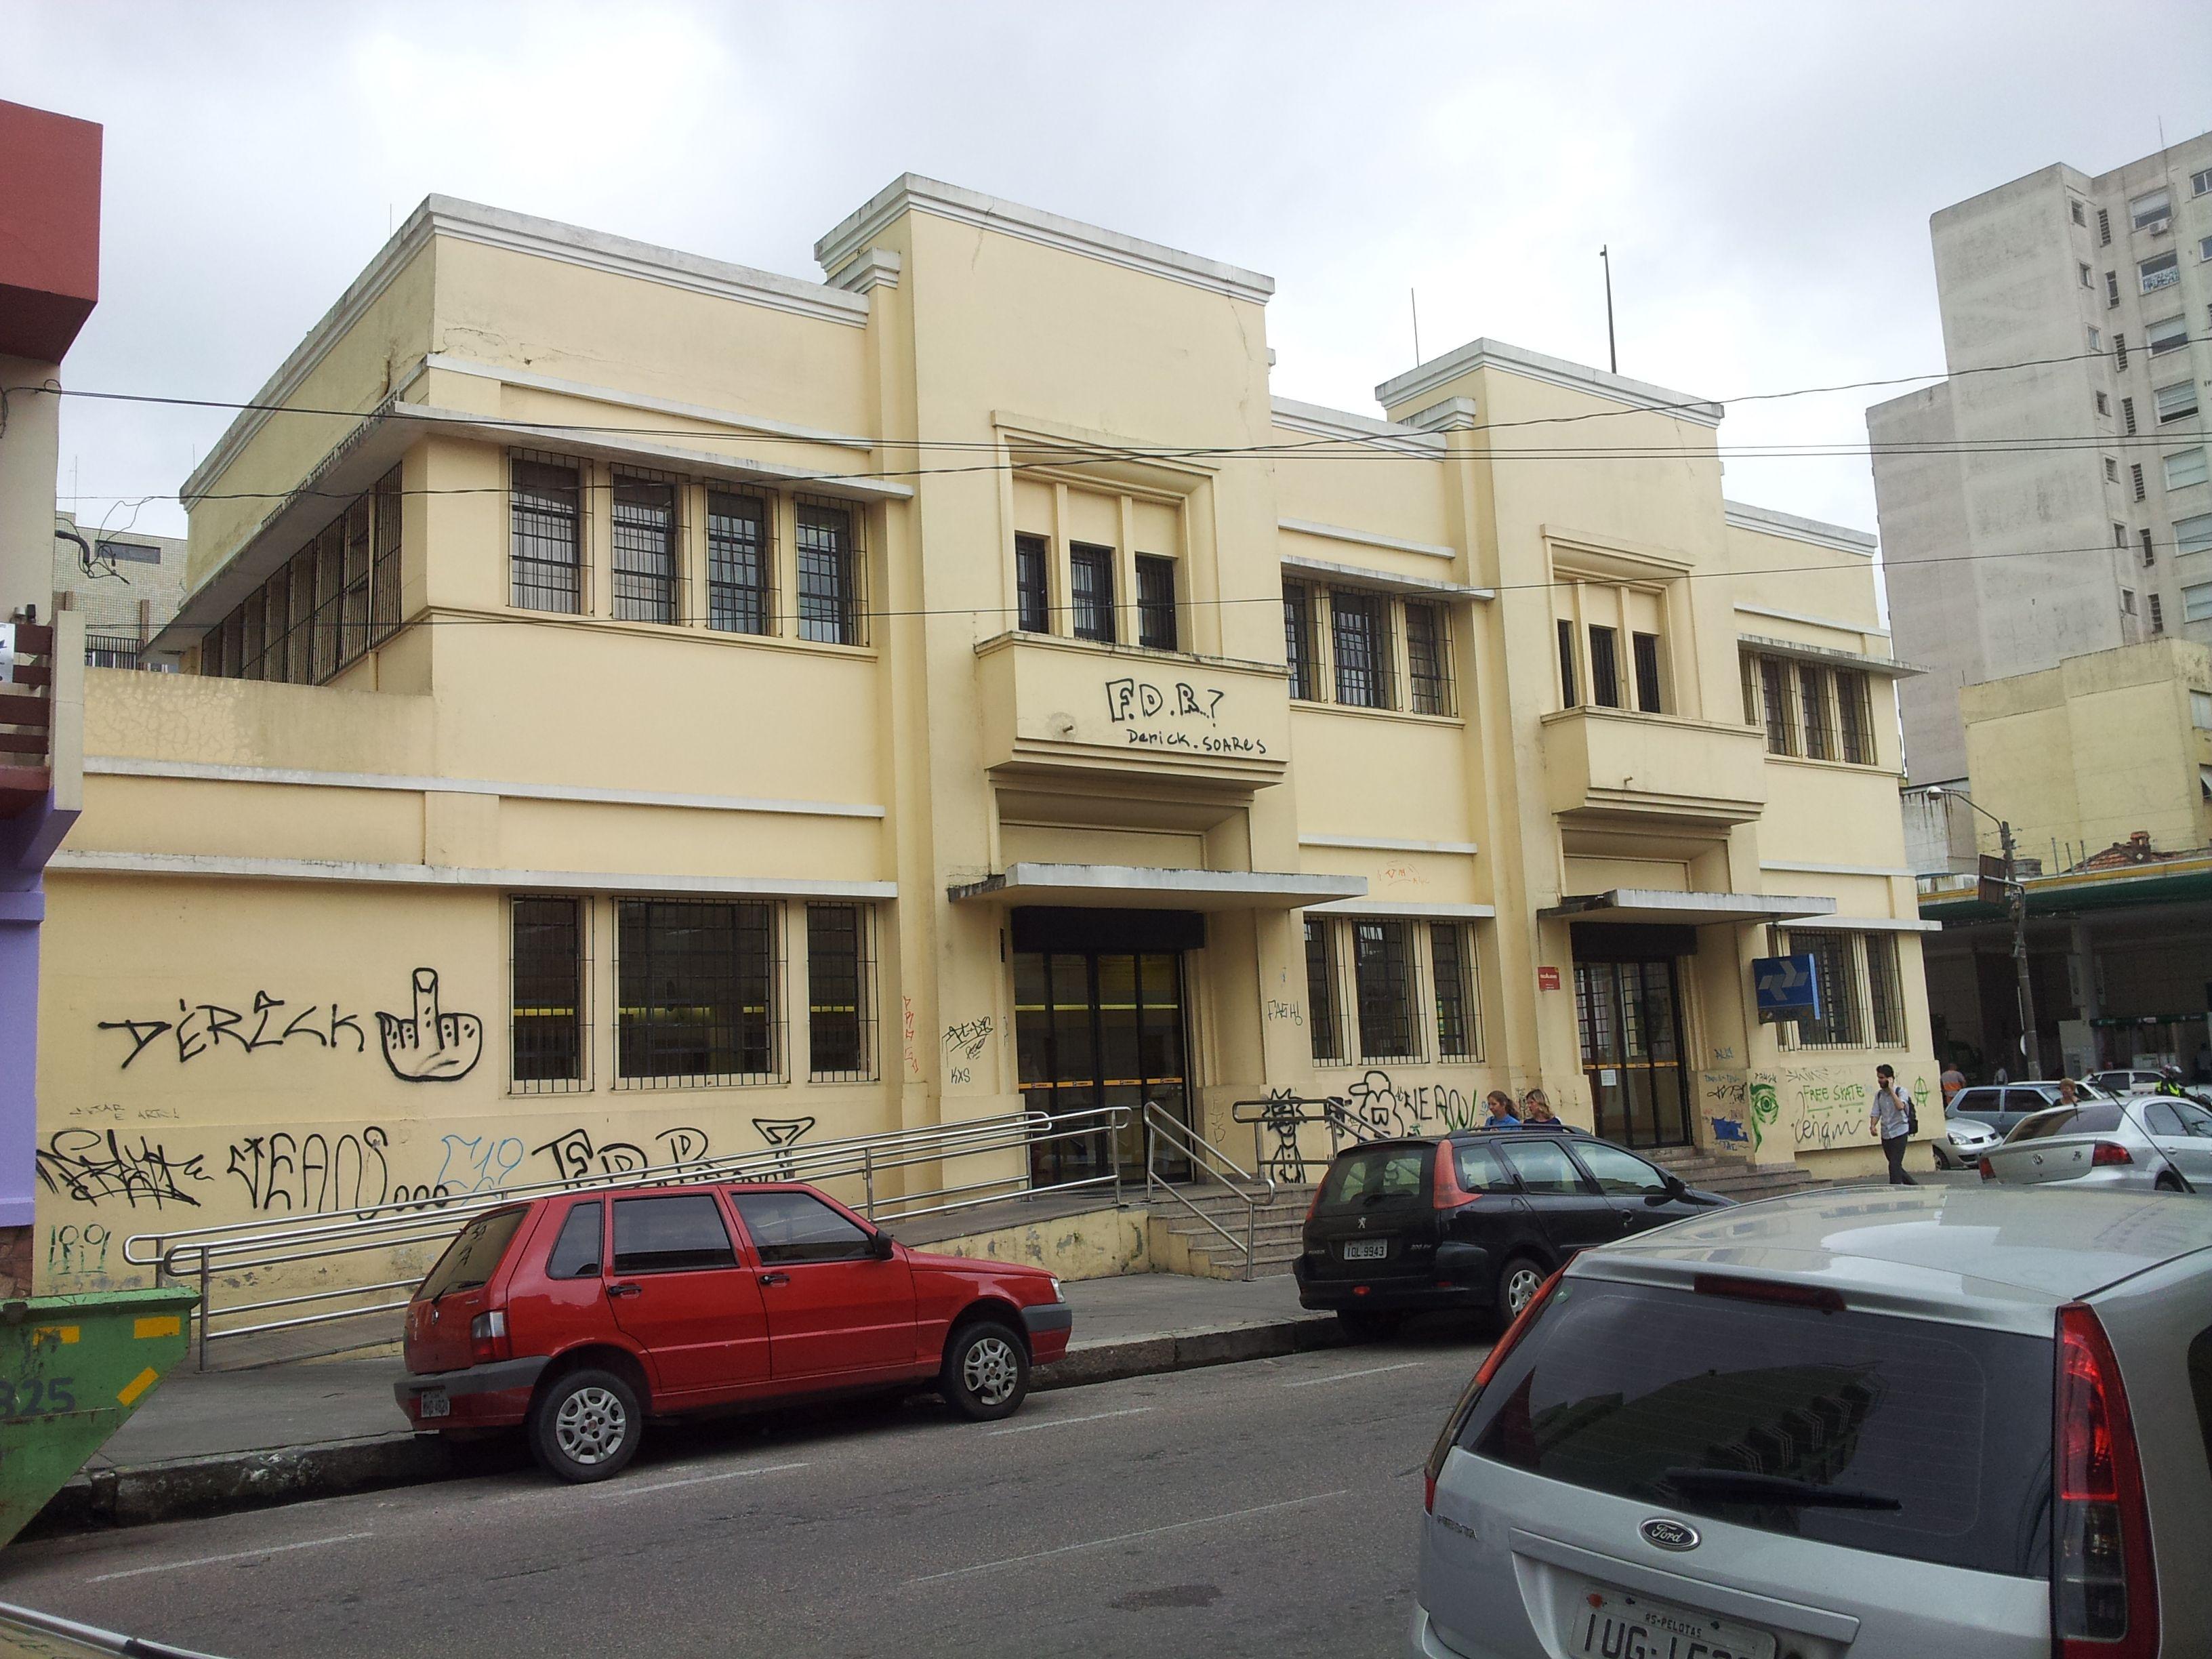 Percepção: Marco - central dos correios, rua Félix da Cunha ...